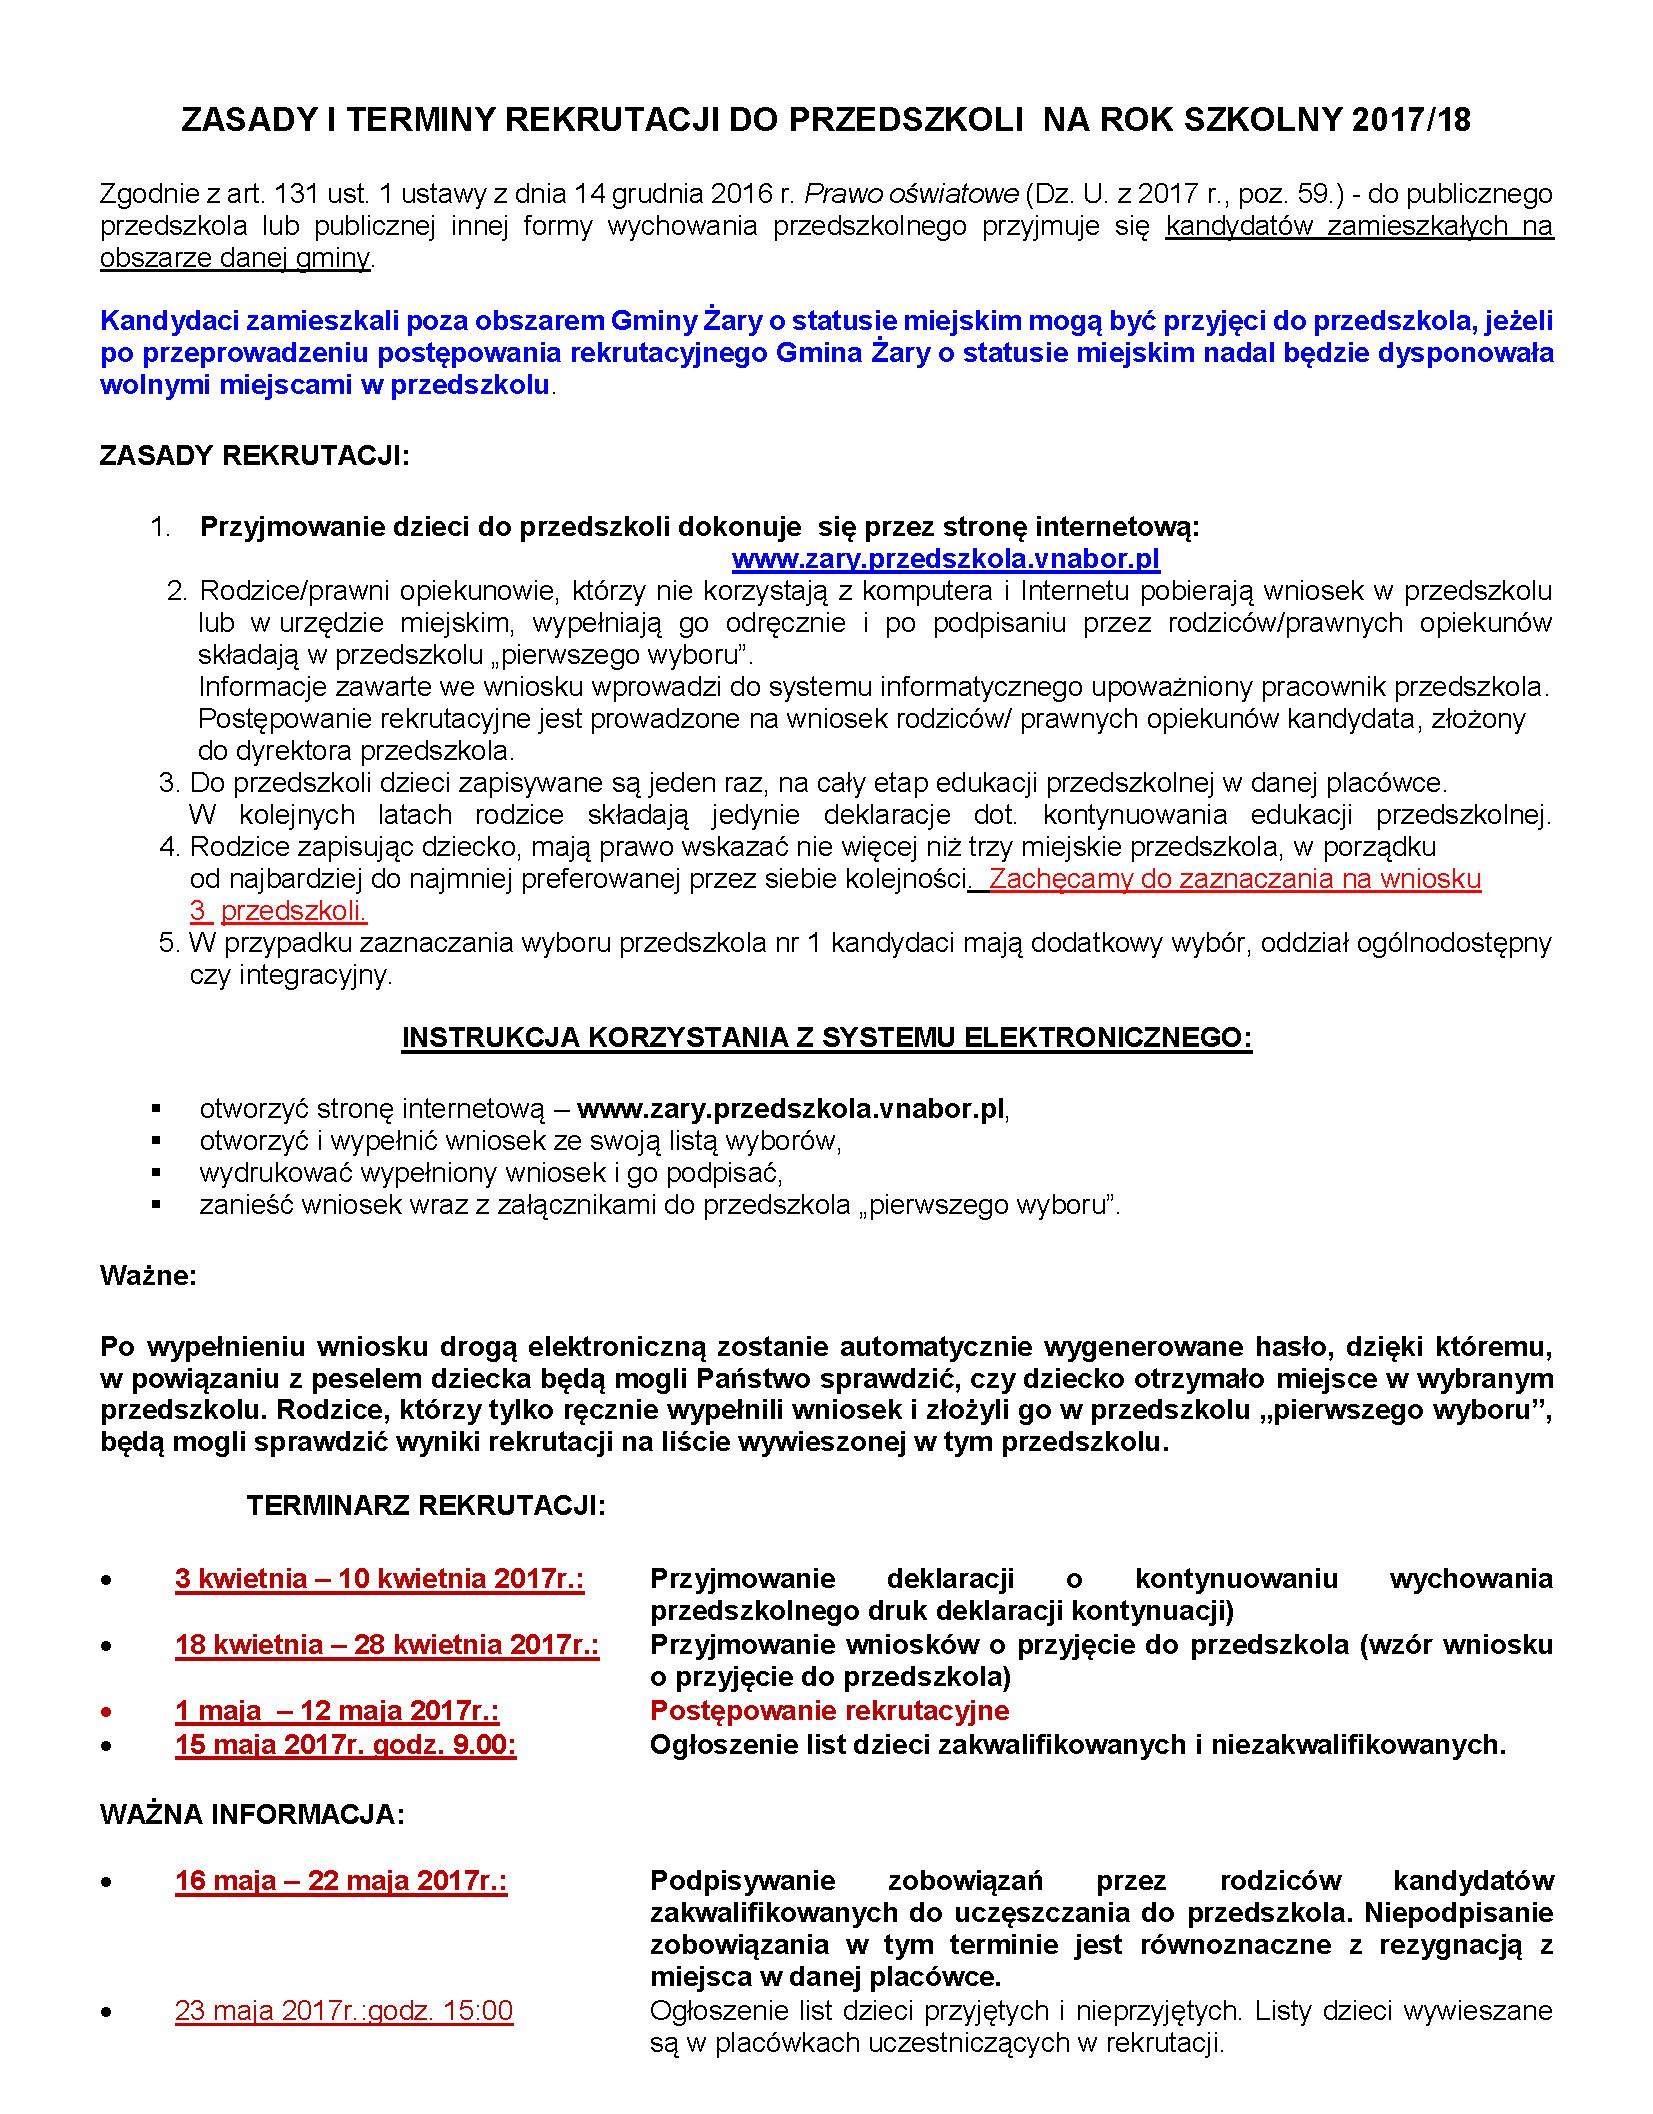 Ilustracja do informacji: ZASADY I TERMINY REKRUTACJI DO PRZEDSZKOLI NA ROK SZKOLNY 2017/18